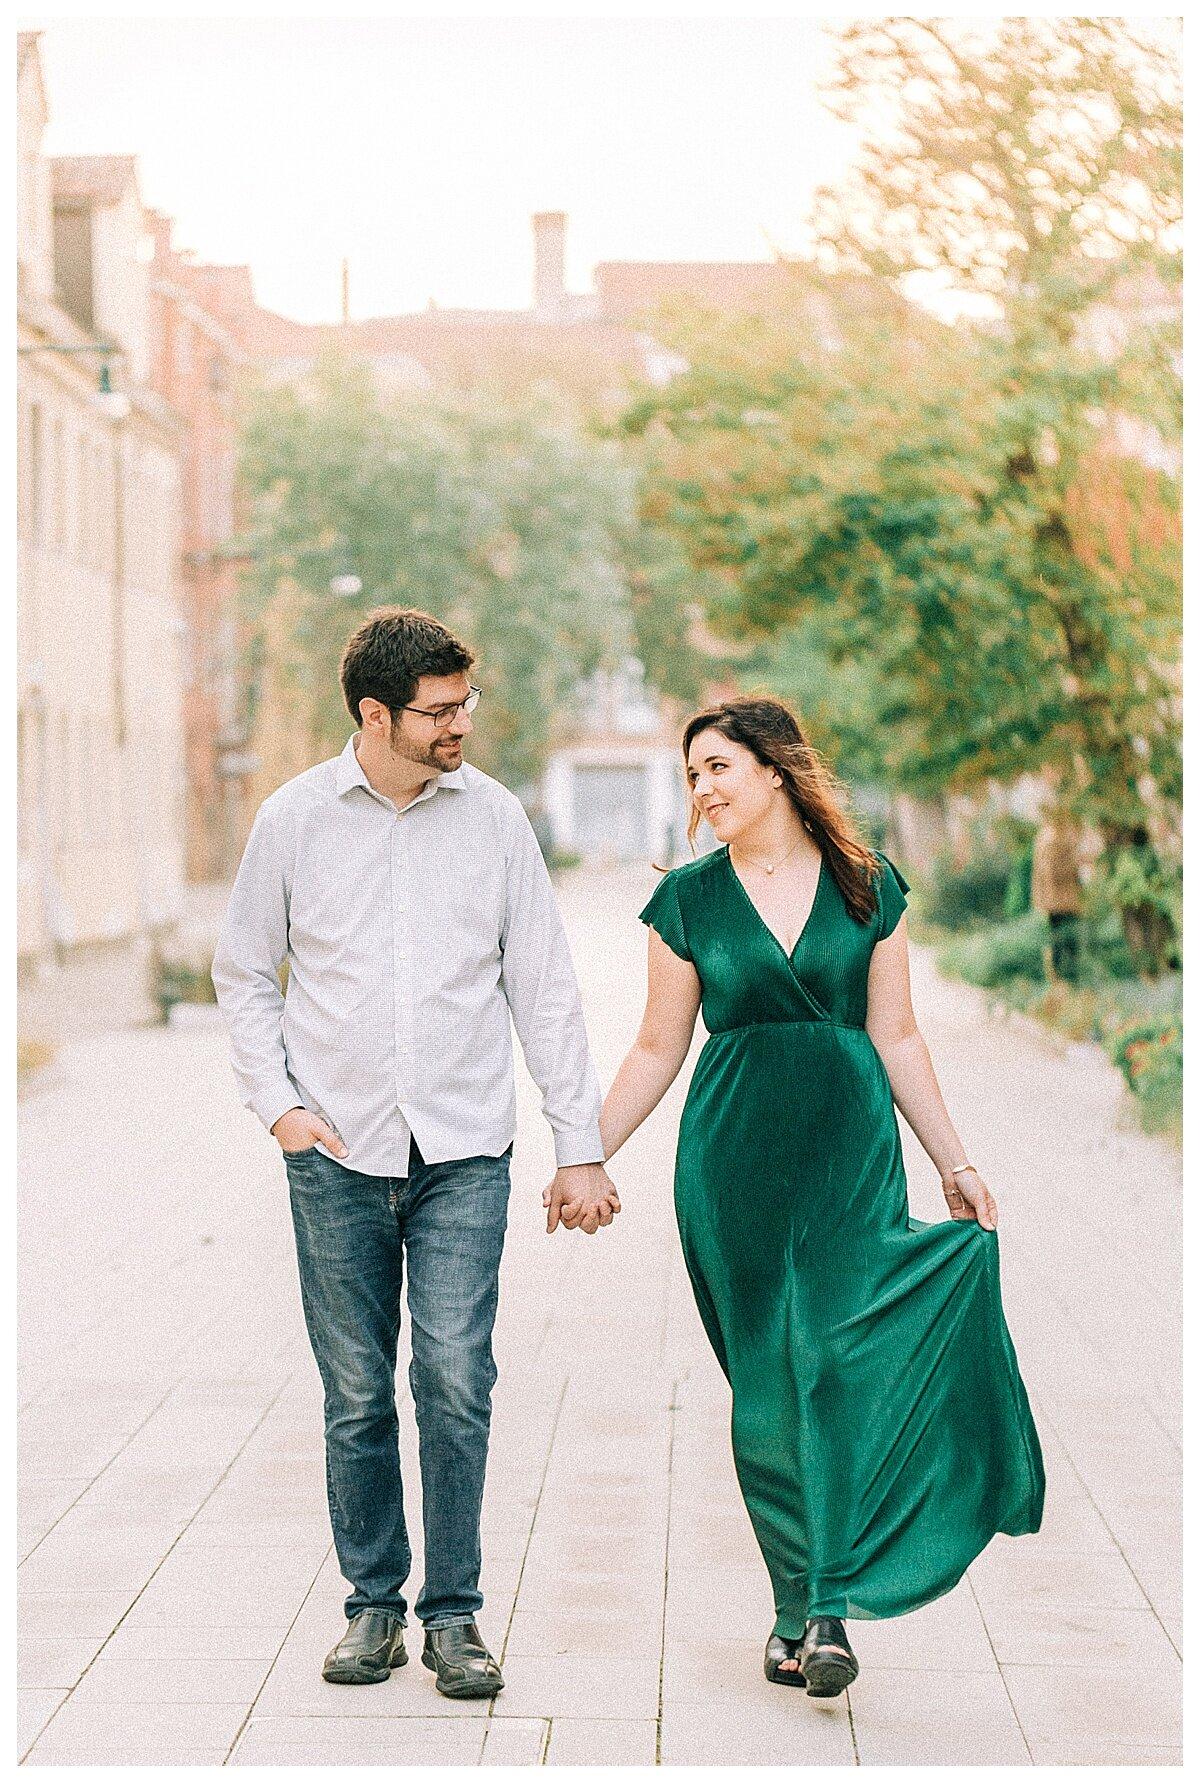 venice-photographer-stefano-degirmenci-couple-photowalk_1205.jpg